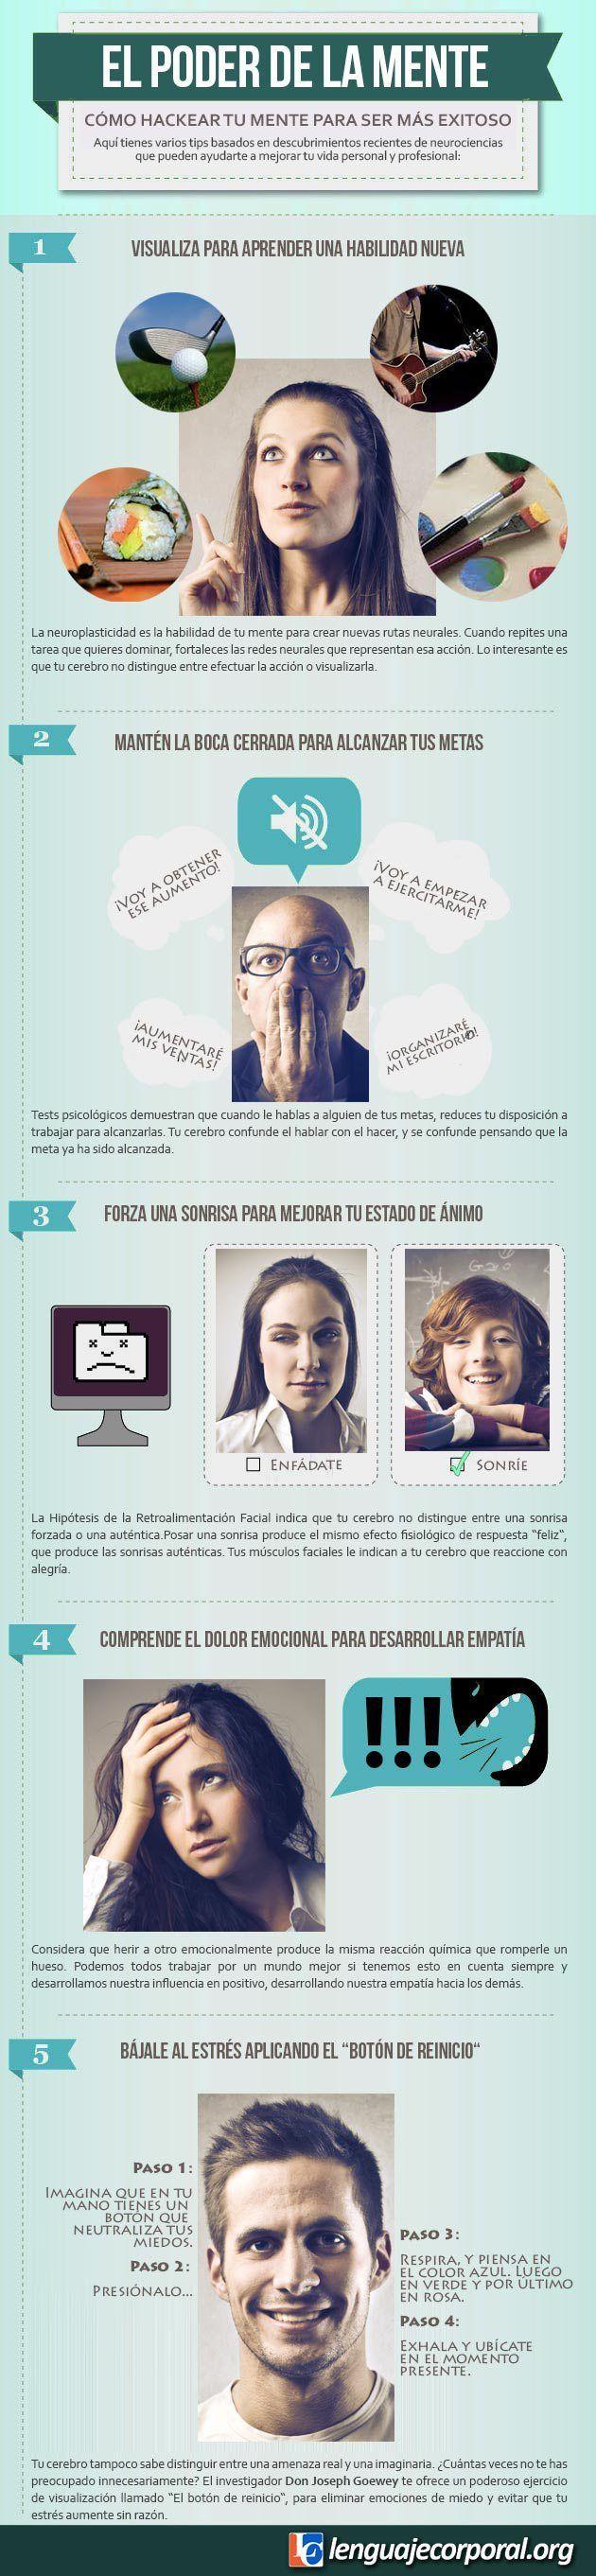 Cómo hackear tu mente para ser más exitoso. #infografía #cerebro